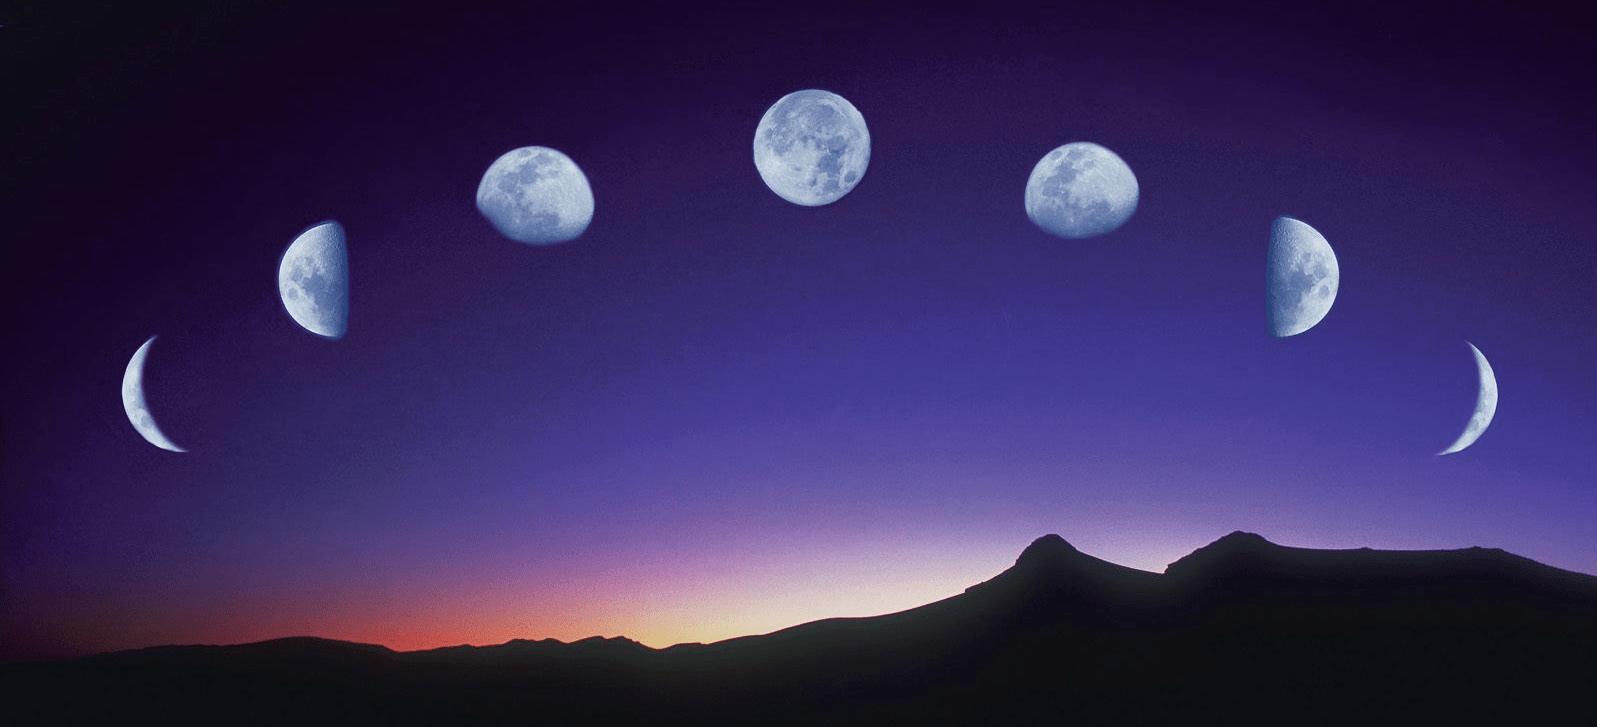 Luna e parto: come influiscono le fasi lunari